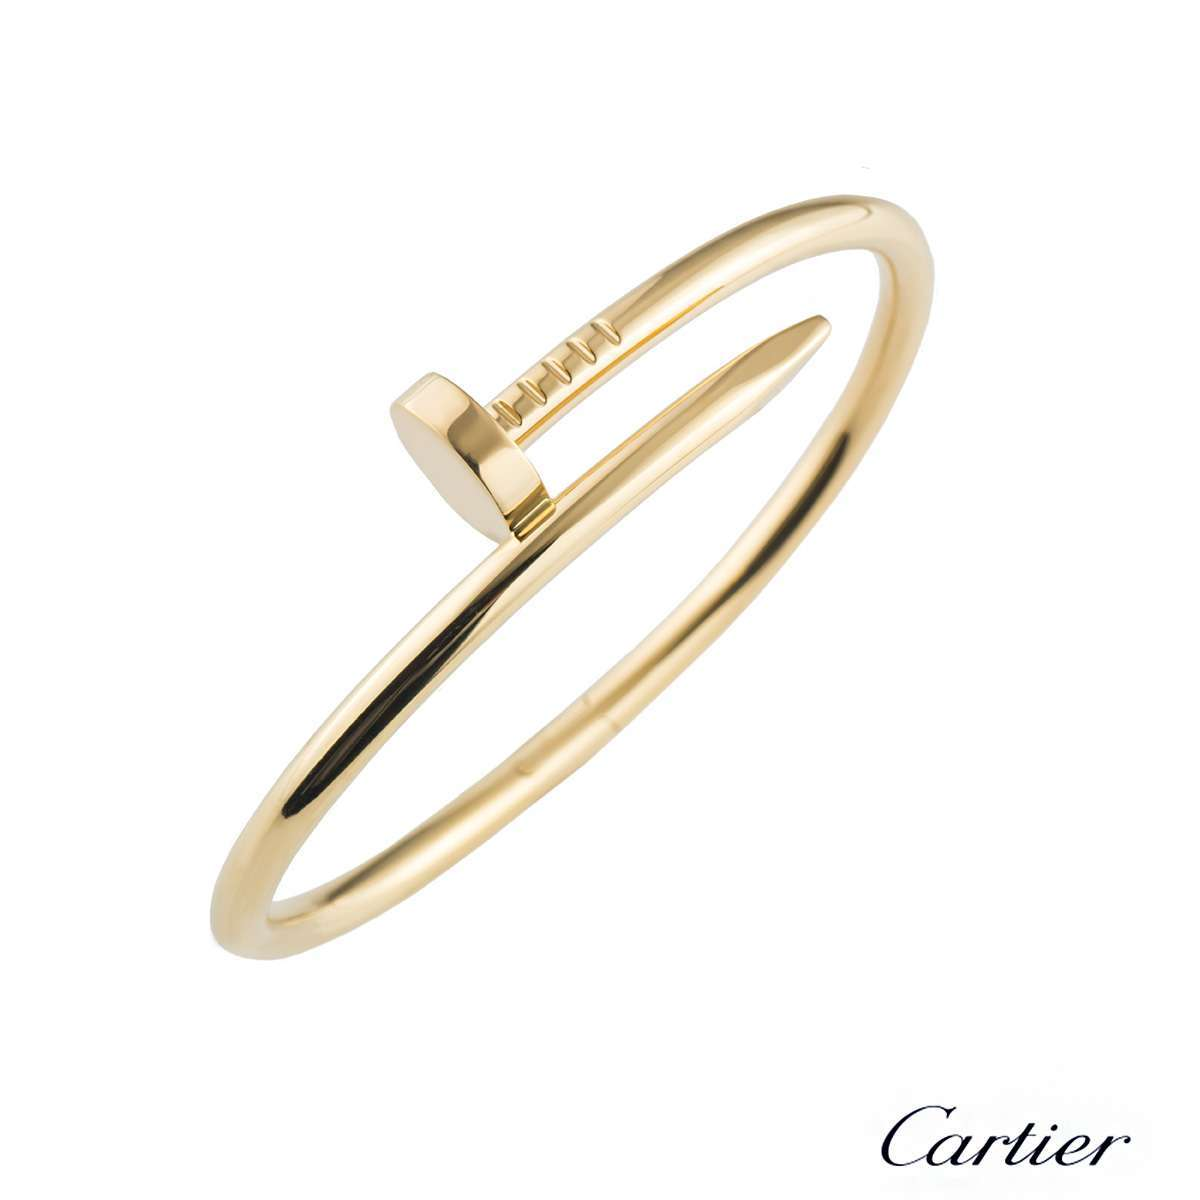 Cartier Yellow Gold Plain Juste Un Clou BraceletSize 17 B6048217